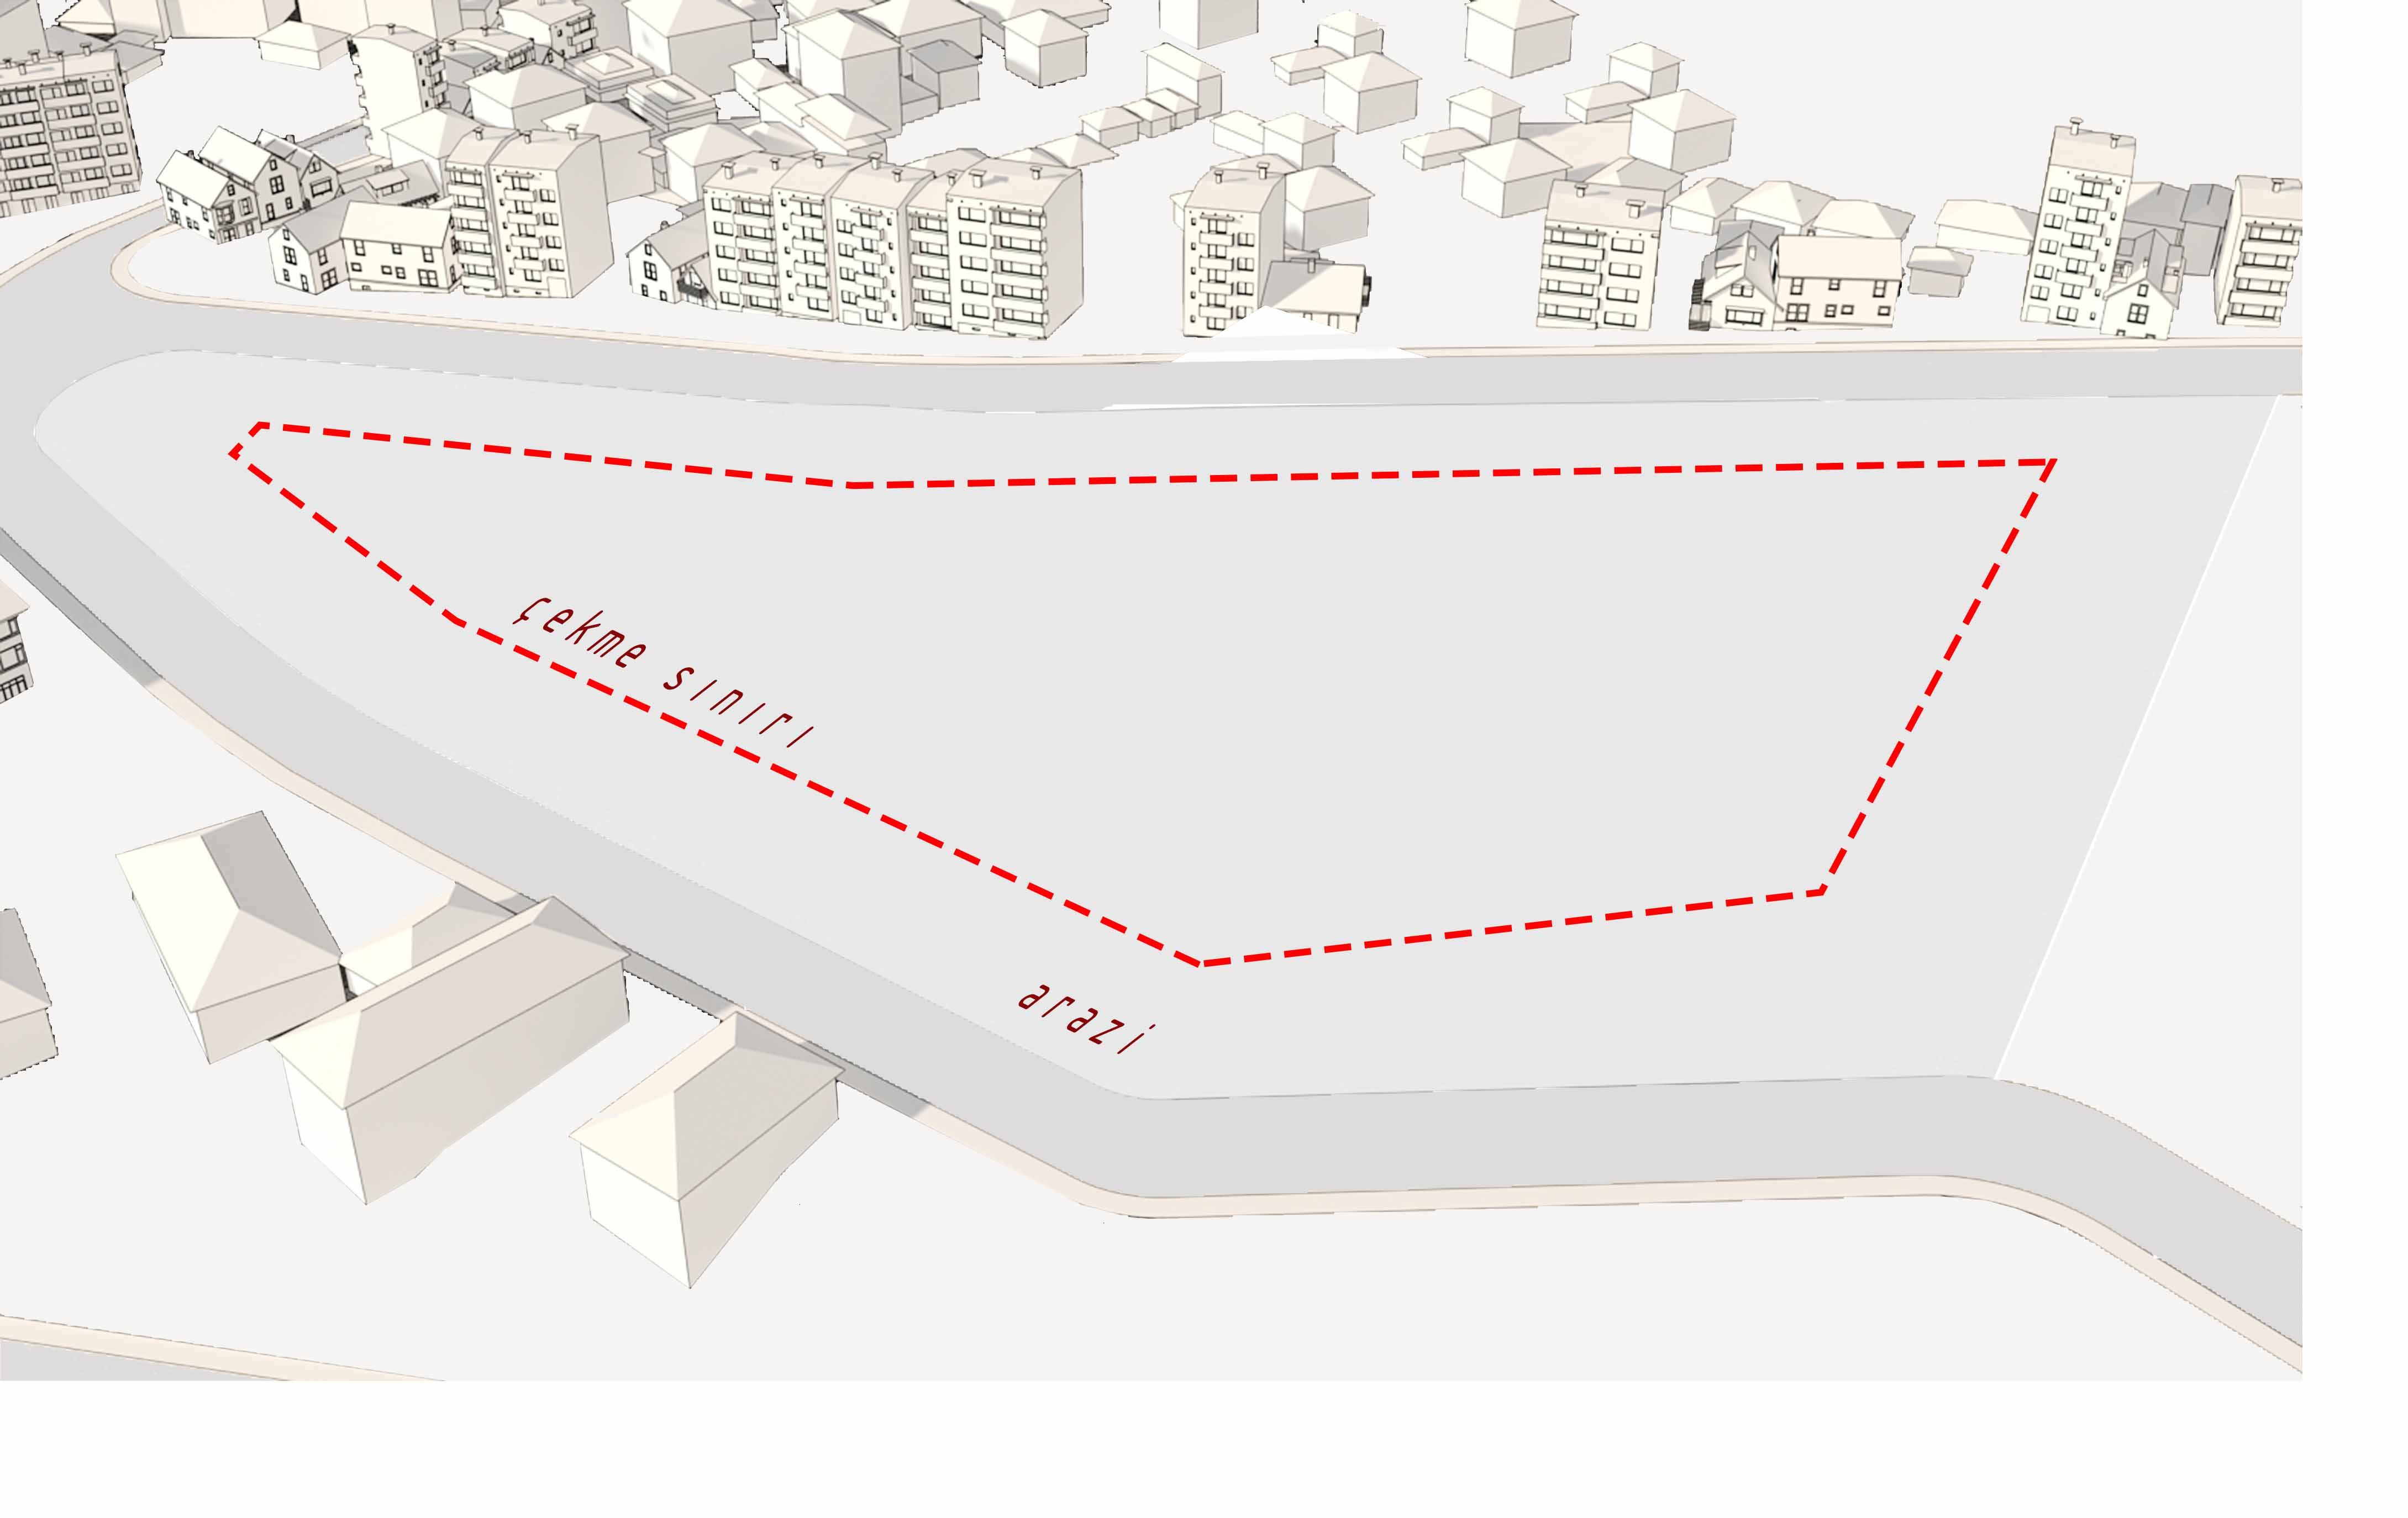 dodofis mimarlık ofisi süleymanpaşa belediye binası diyagram